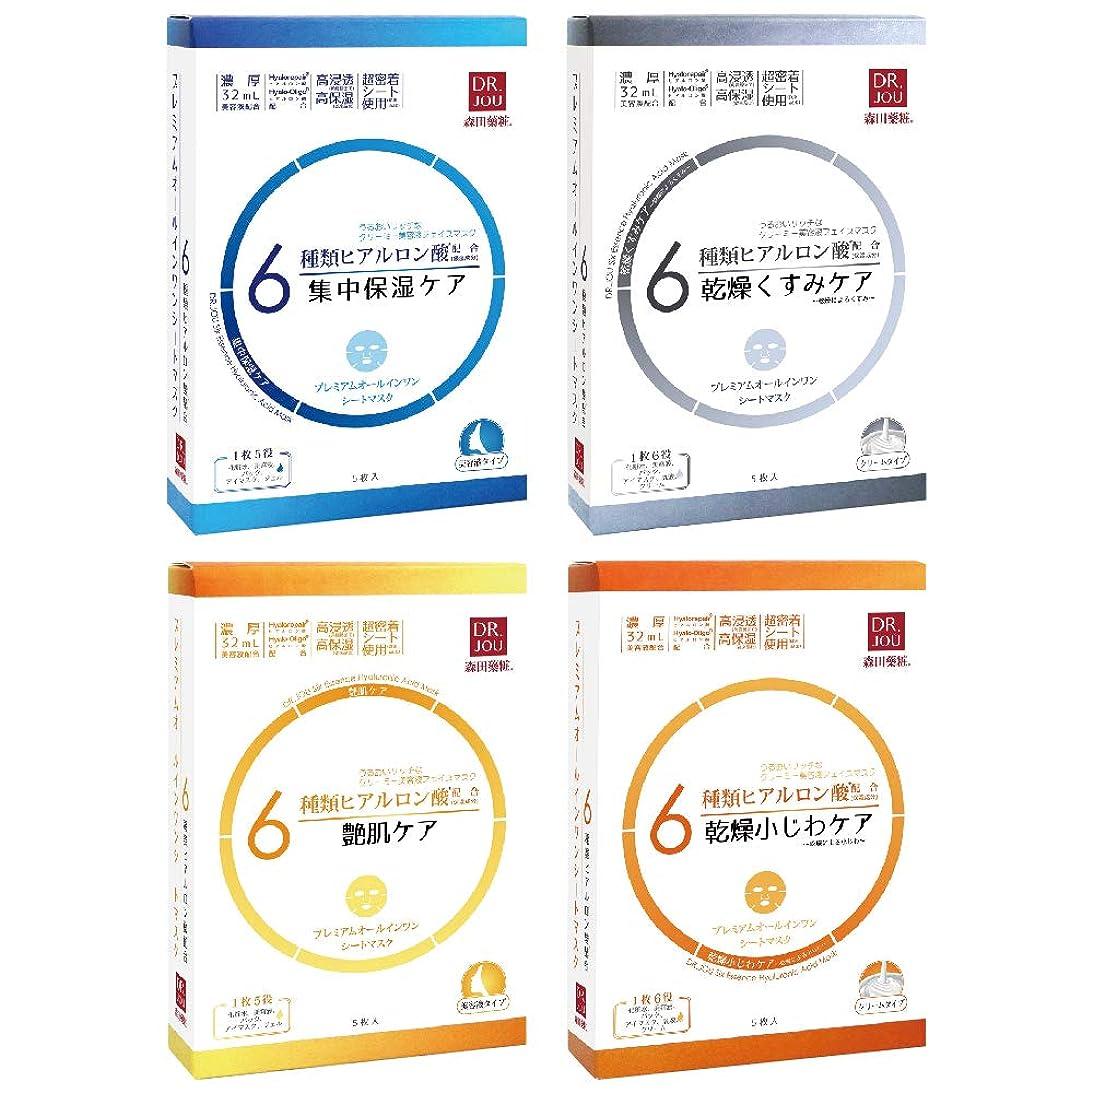 単位もし千【森田薬粧DR.JOU】6種類ヒアルロン酸配合 プレミアムオールインワンマスク 4種揃えセット(各5枚入り)